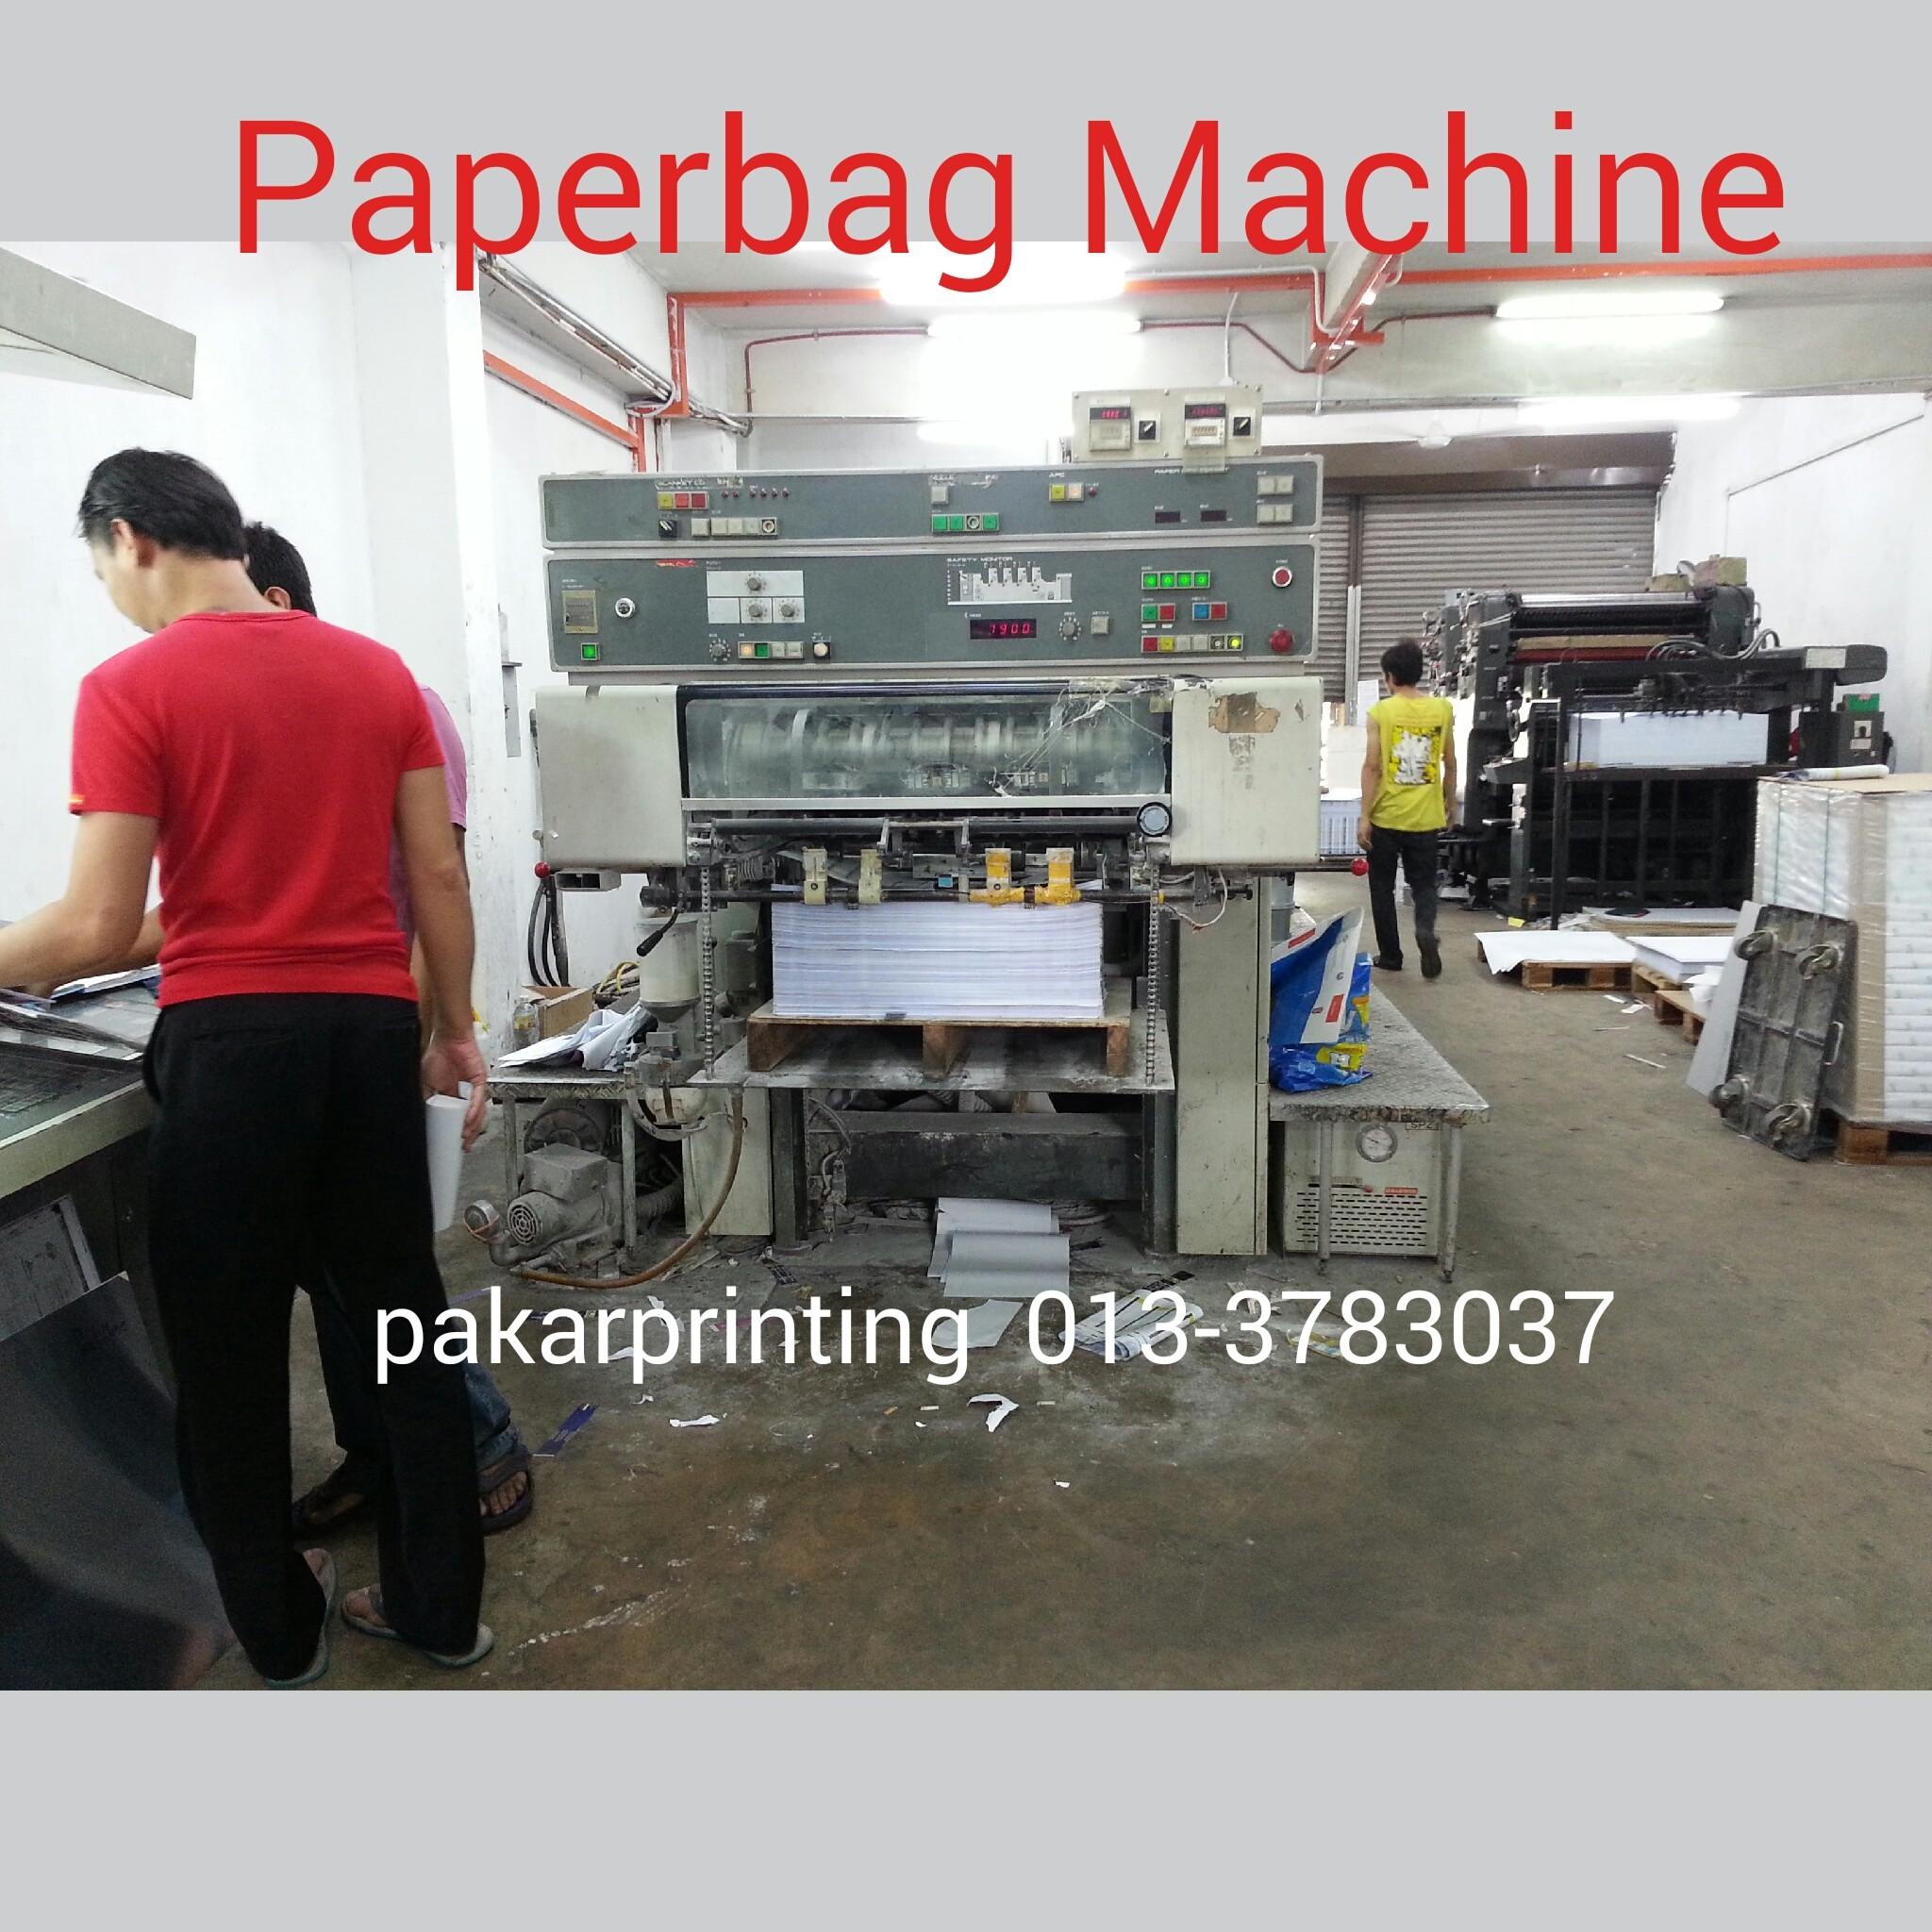 paperbag, plasticbag